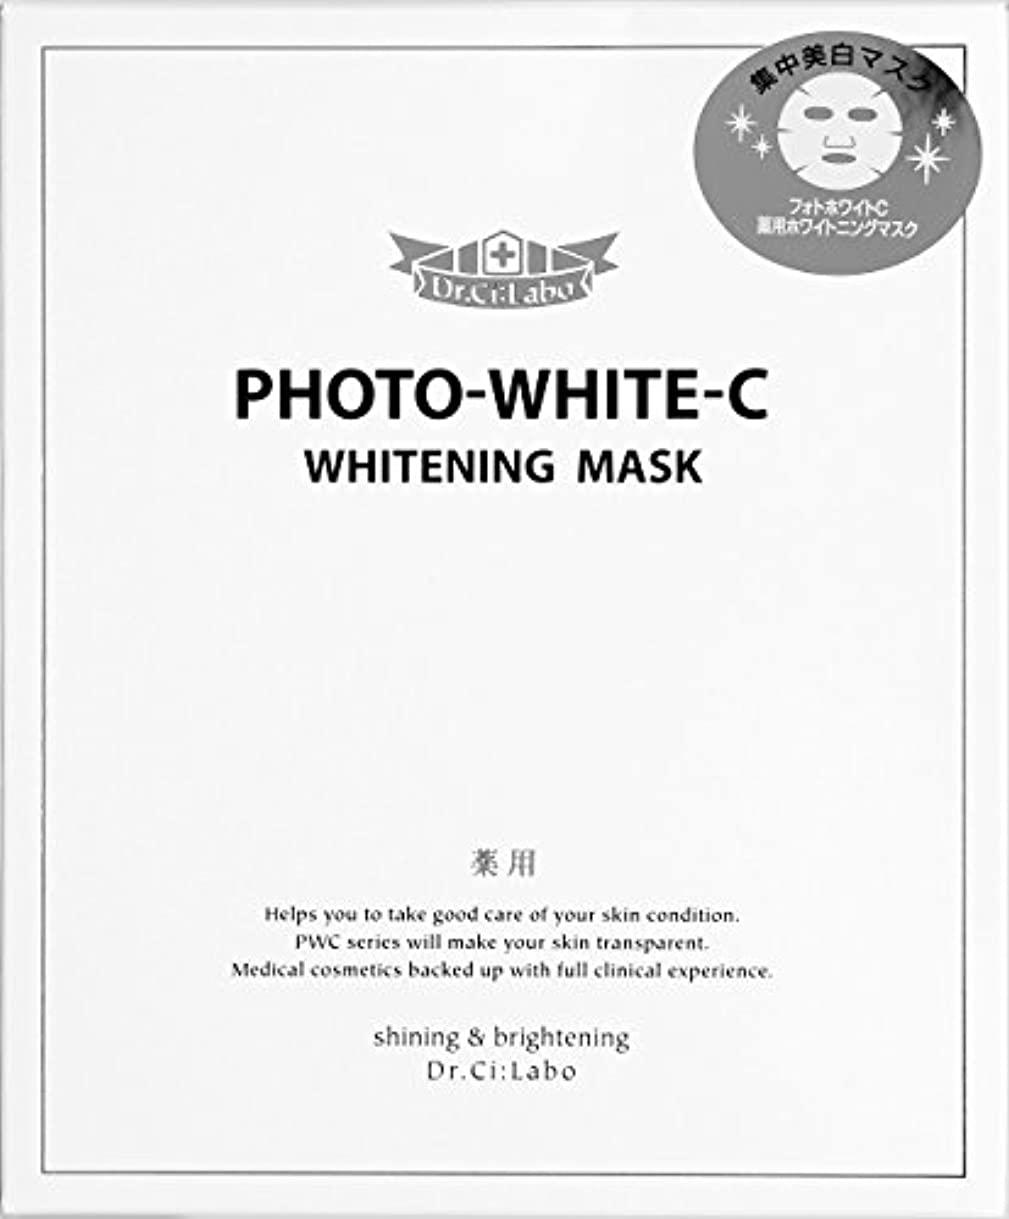 脳意図するスティーブンソンドクターシーラボ フォトホワイトC 薬用ホワイトニングマスク (1箱:5枚入り) フェイスパック [医薬部外品]